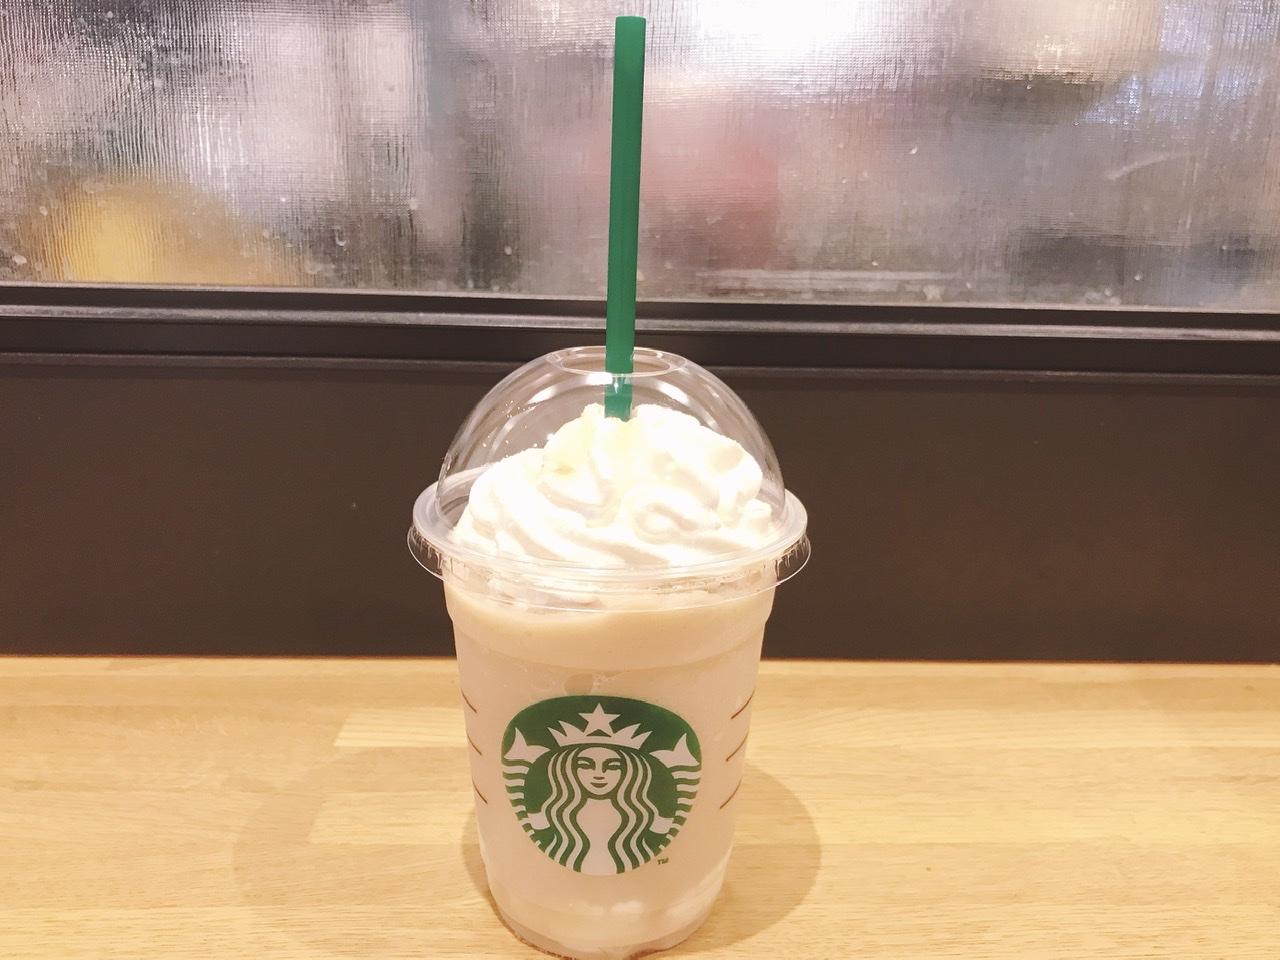 【スタバ】《ほうじ茶ドリンク》が期間限定メニュー欠品中だけ飲める幸せ♡_3